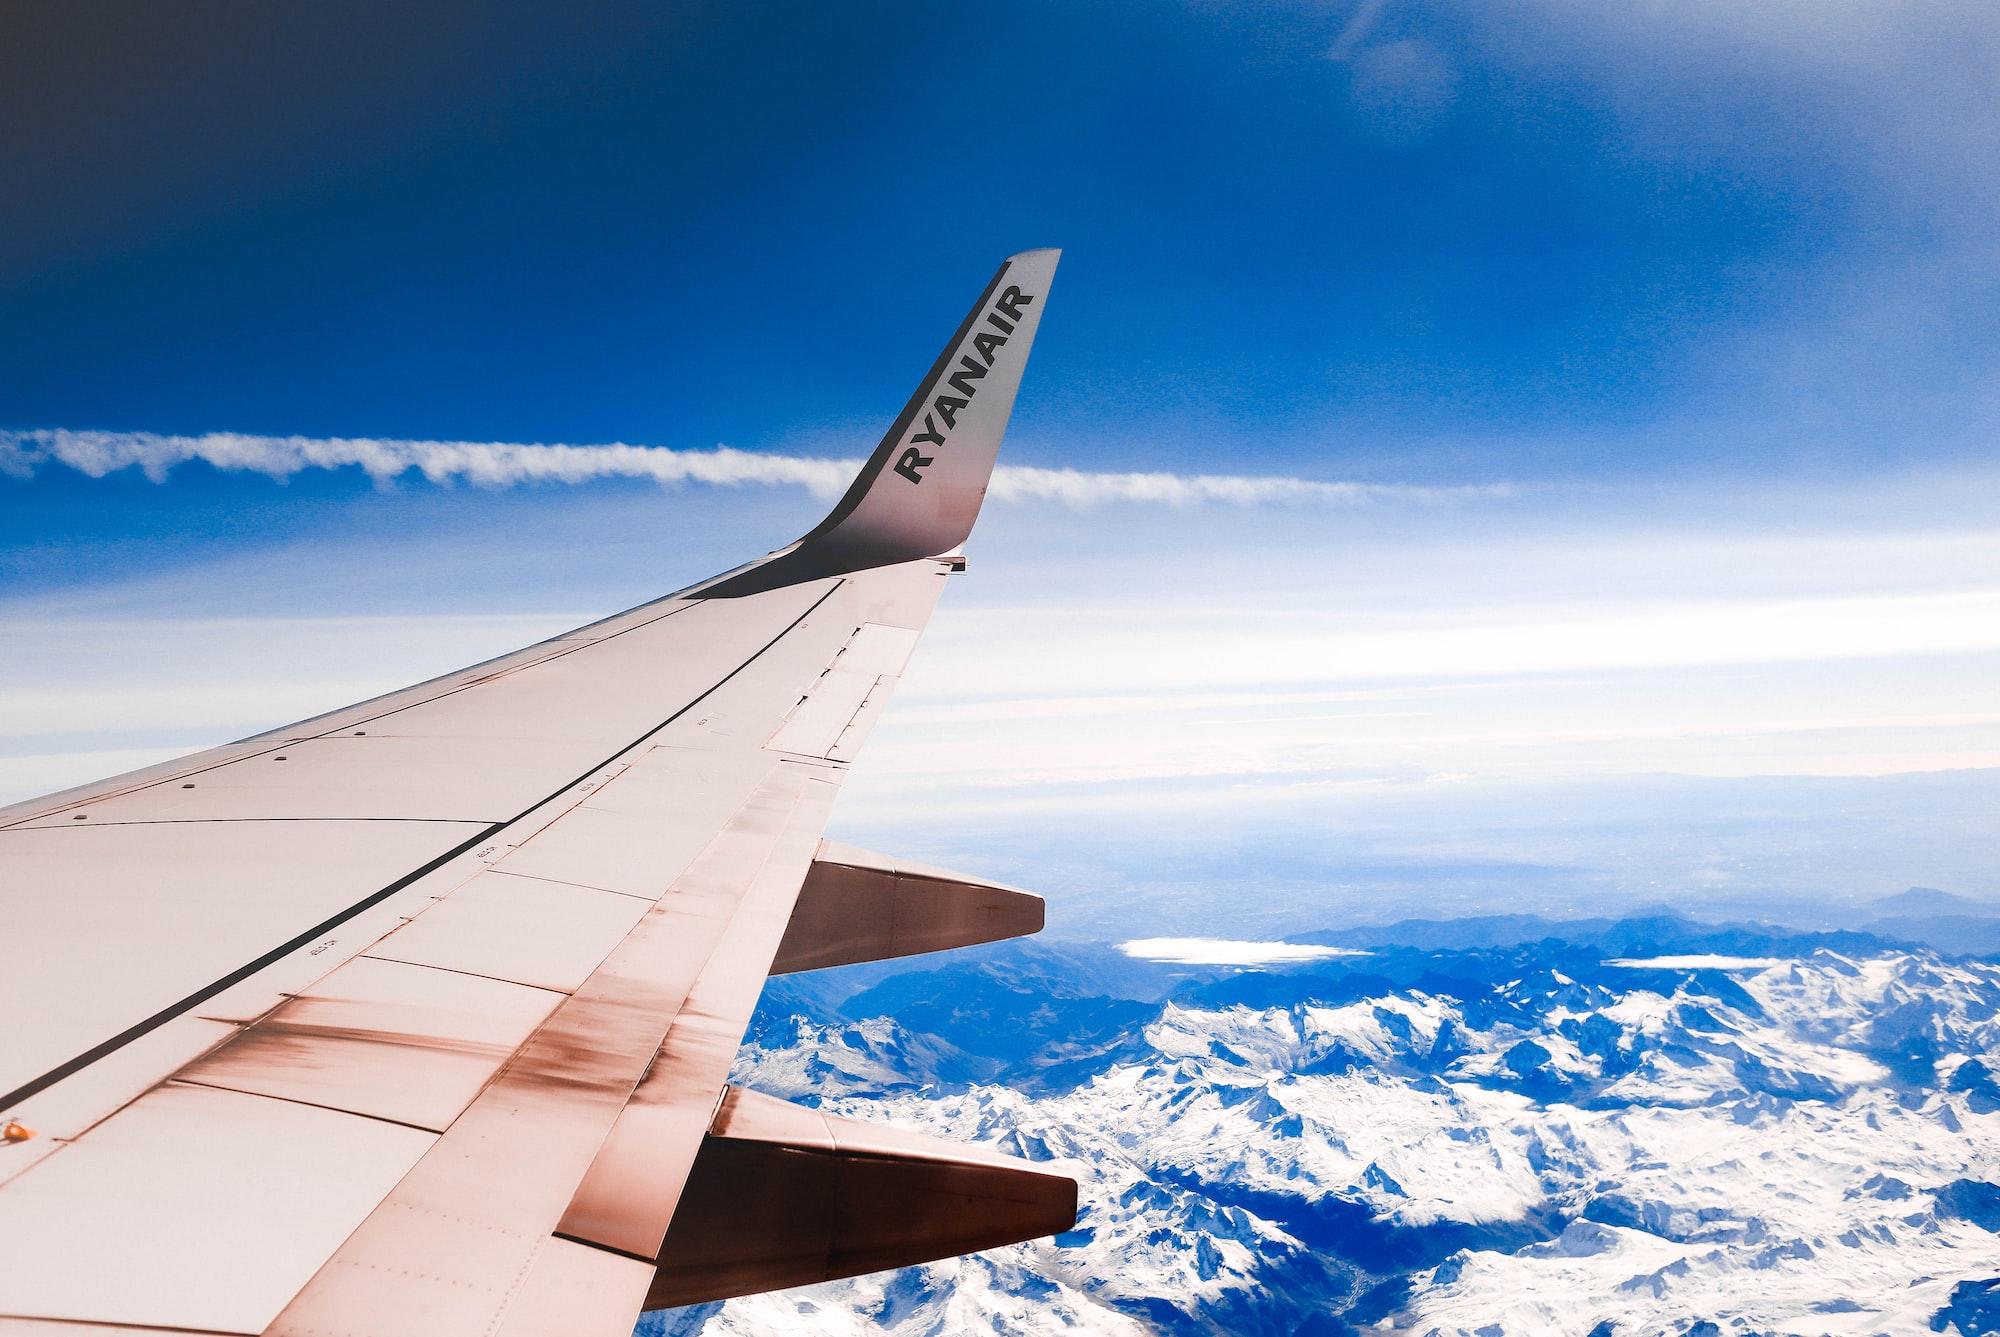 Viaggiare: chi parte, chi resta